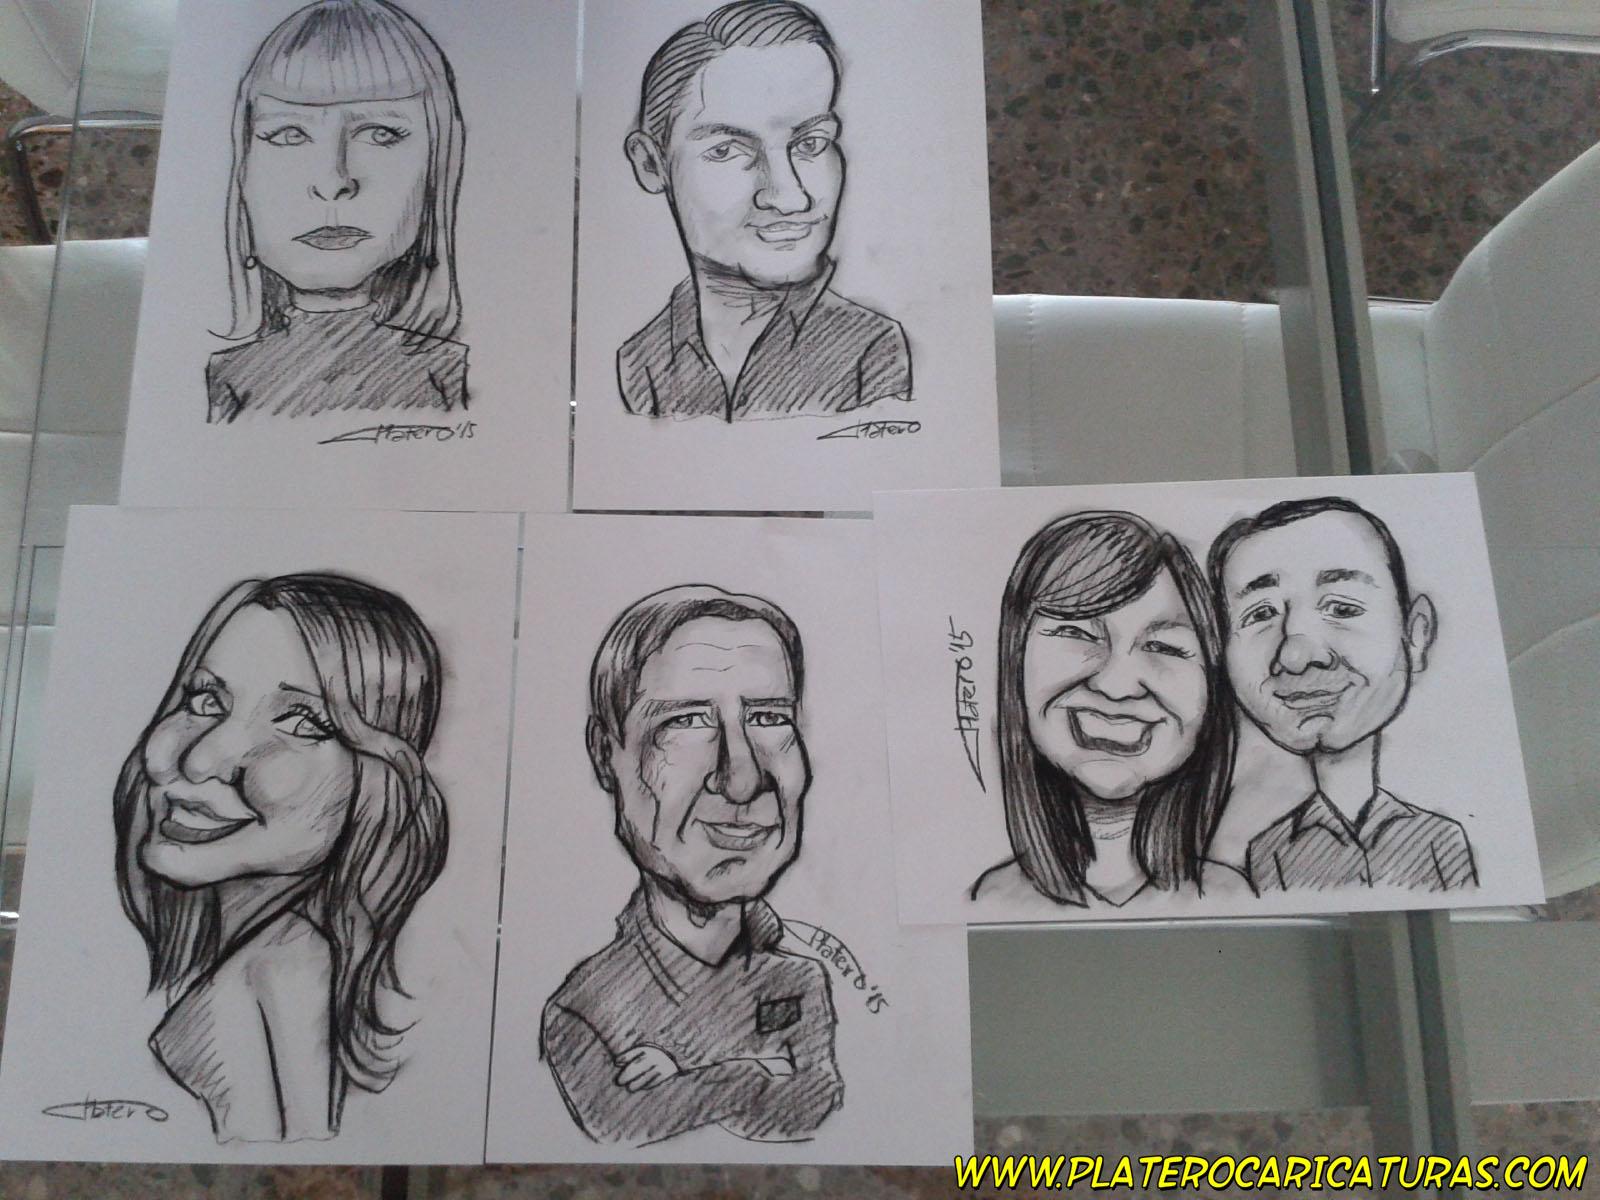 _caricaturas_carboncillo_platerocaricaturas_josé_luis_platero.jpg